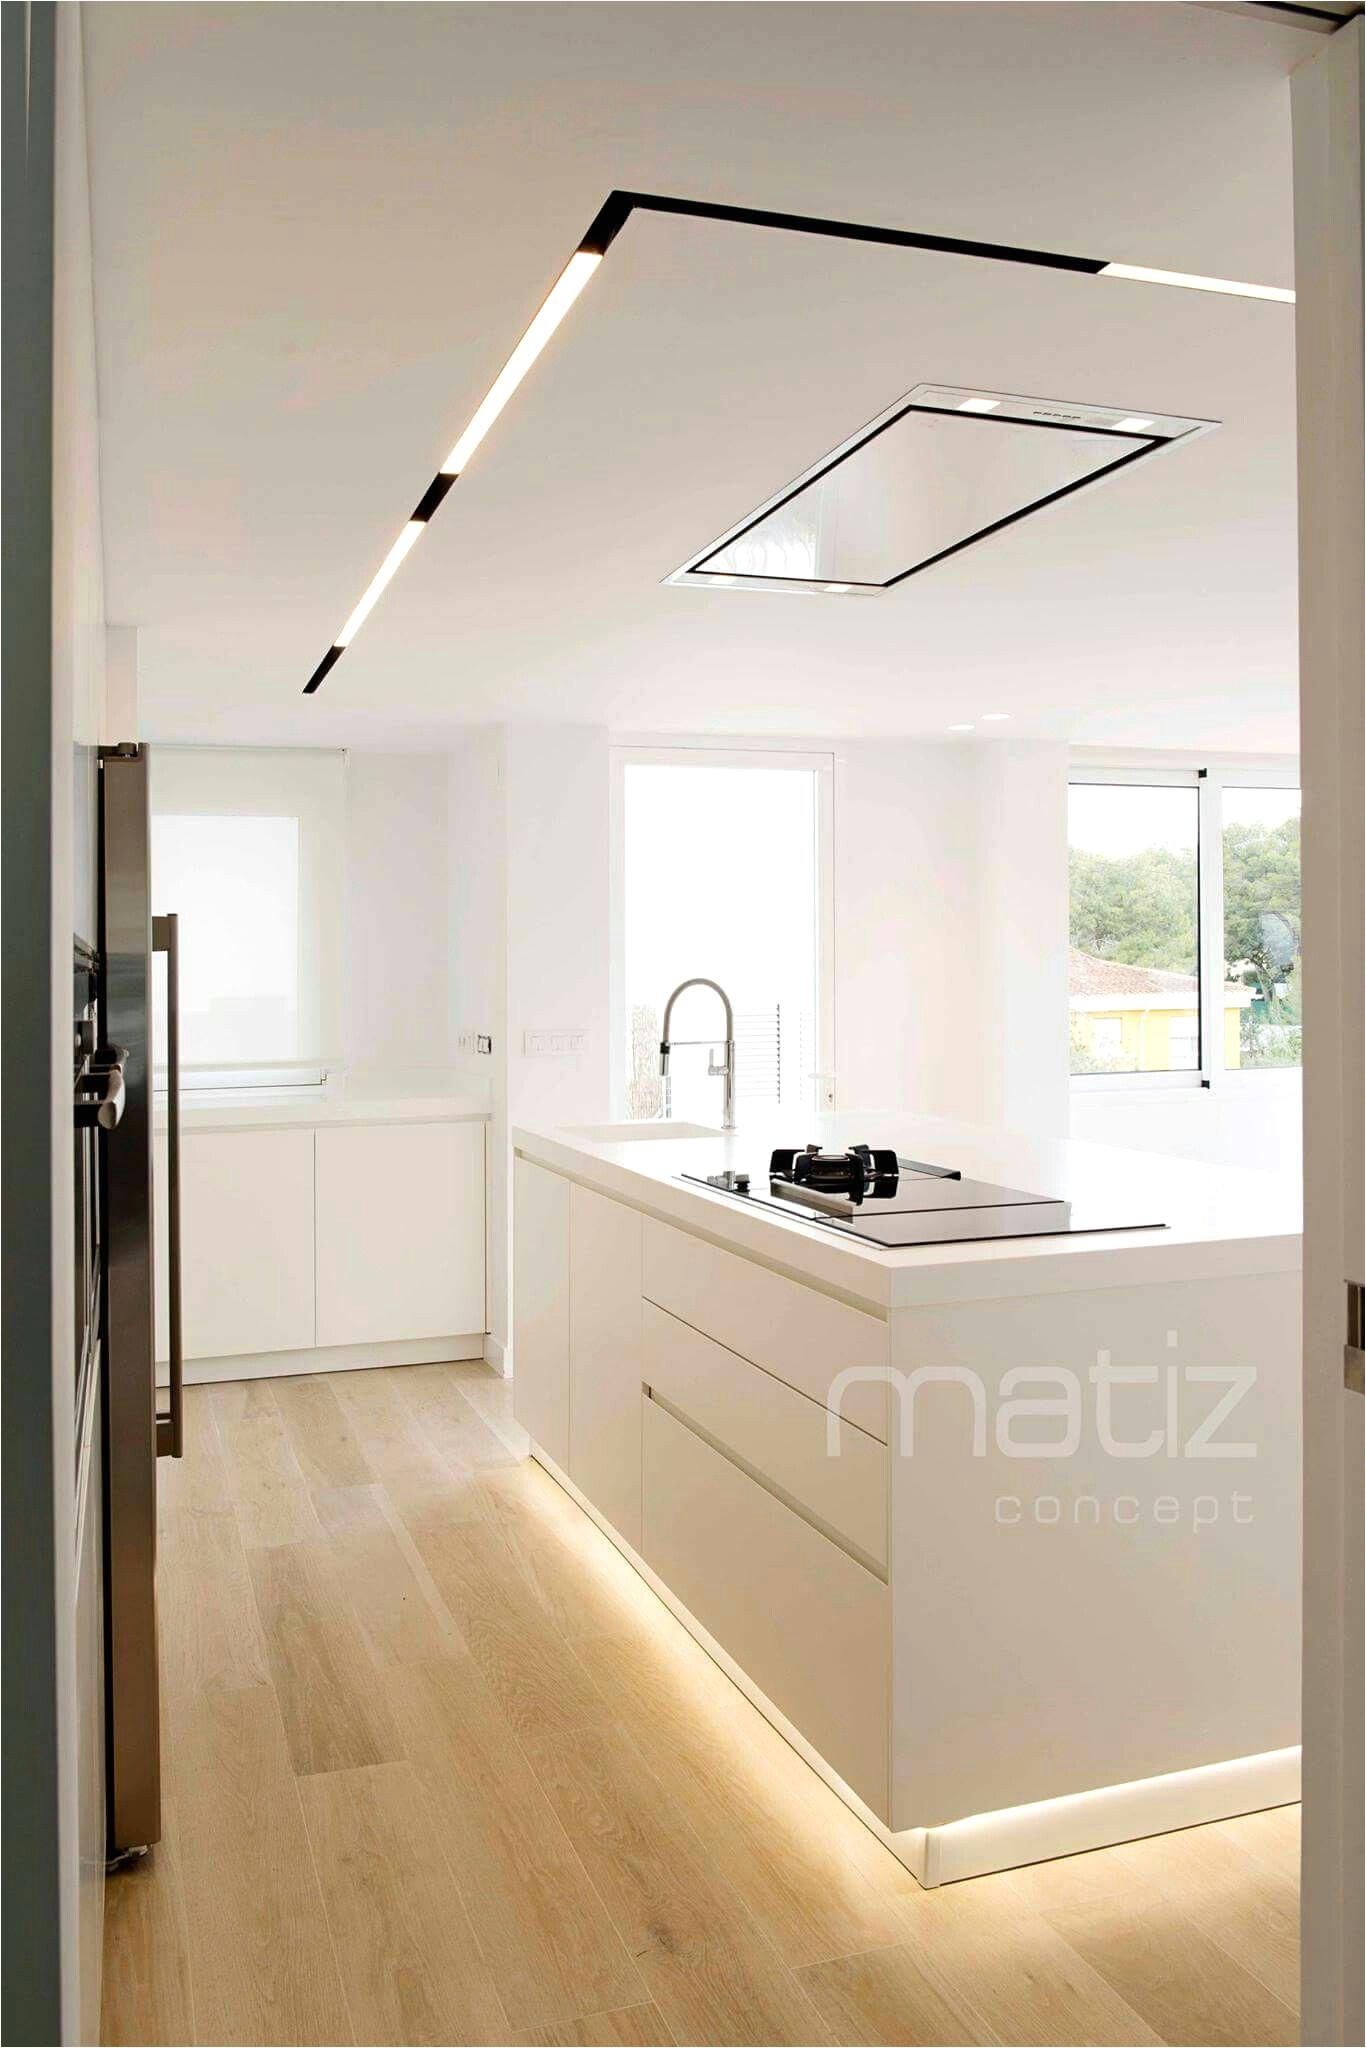 las pera suelos para cocinas blancas debido a bello iluminacion led para cocinas elegante cc2b3mo iluminar el salon peque diseno para suelos para cocinas